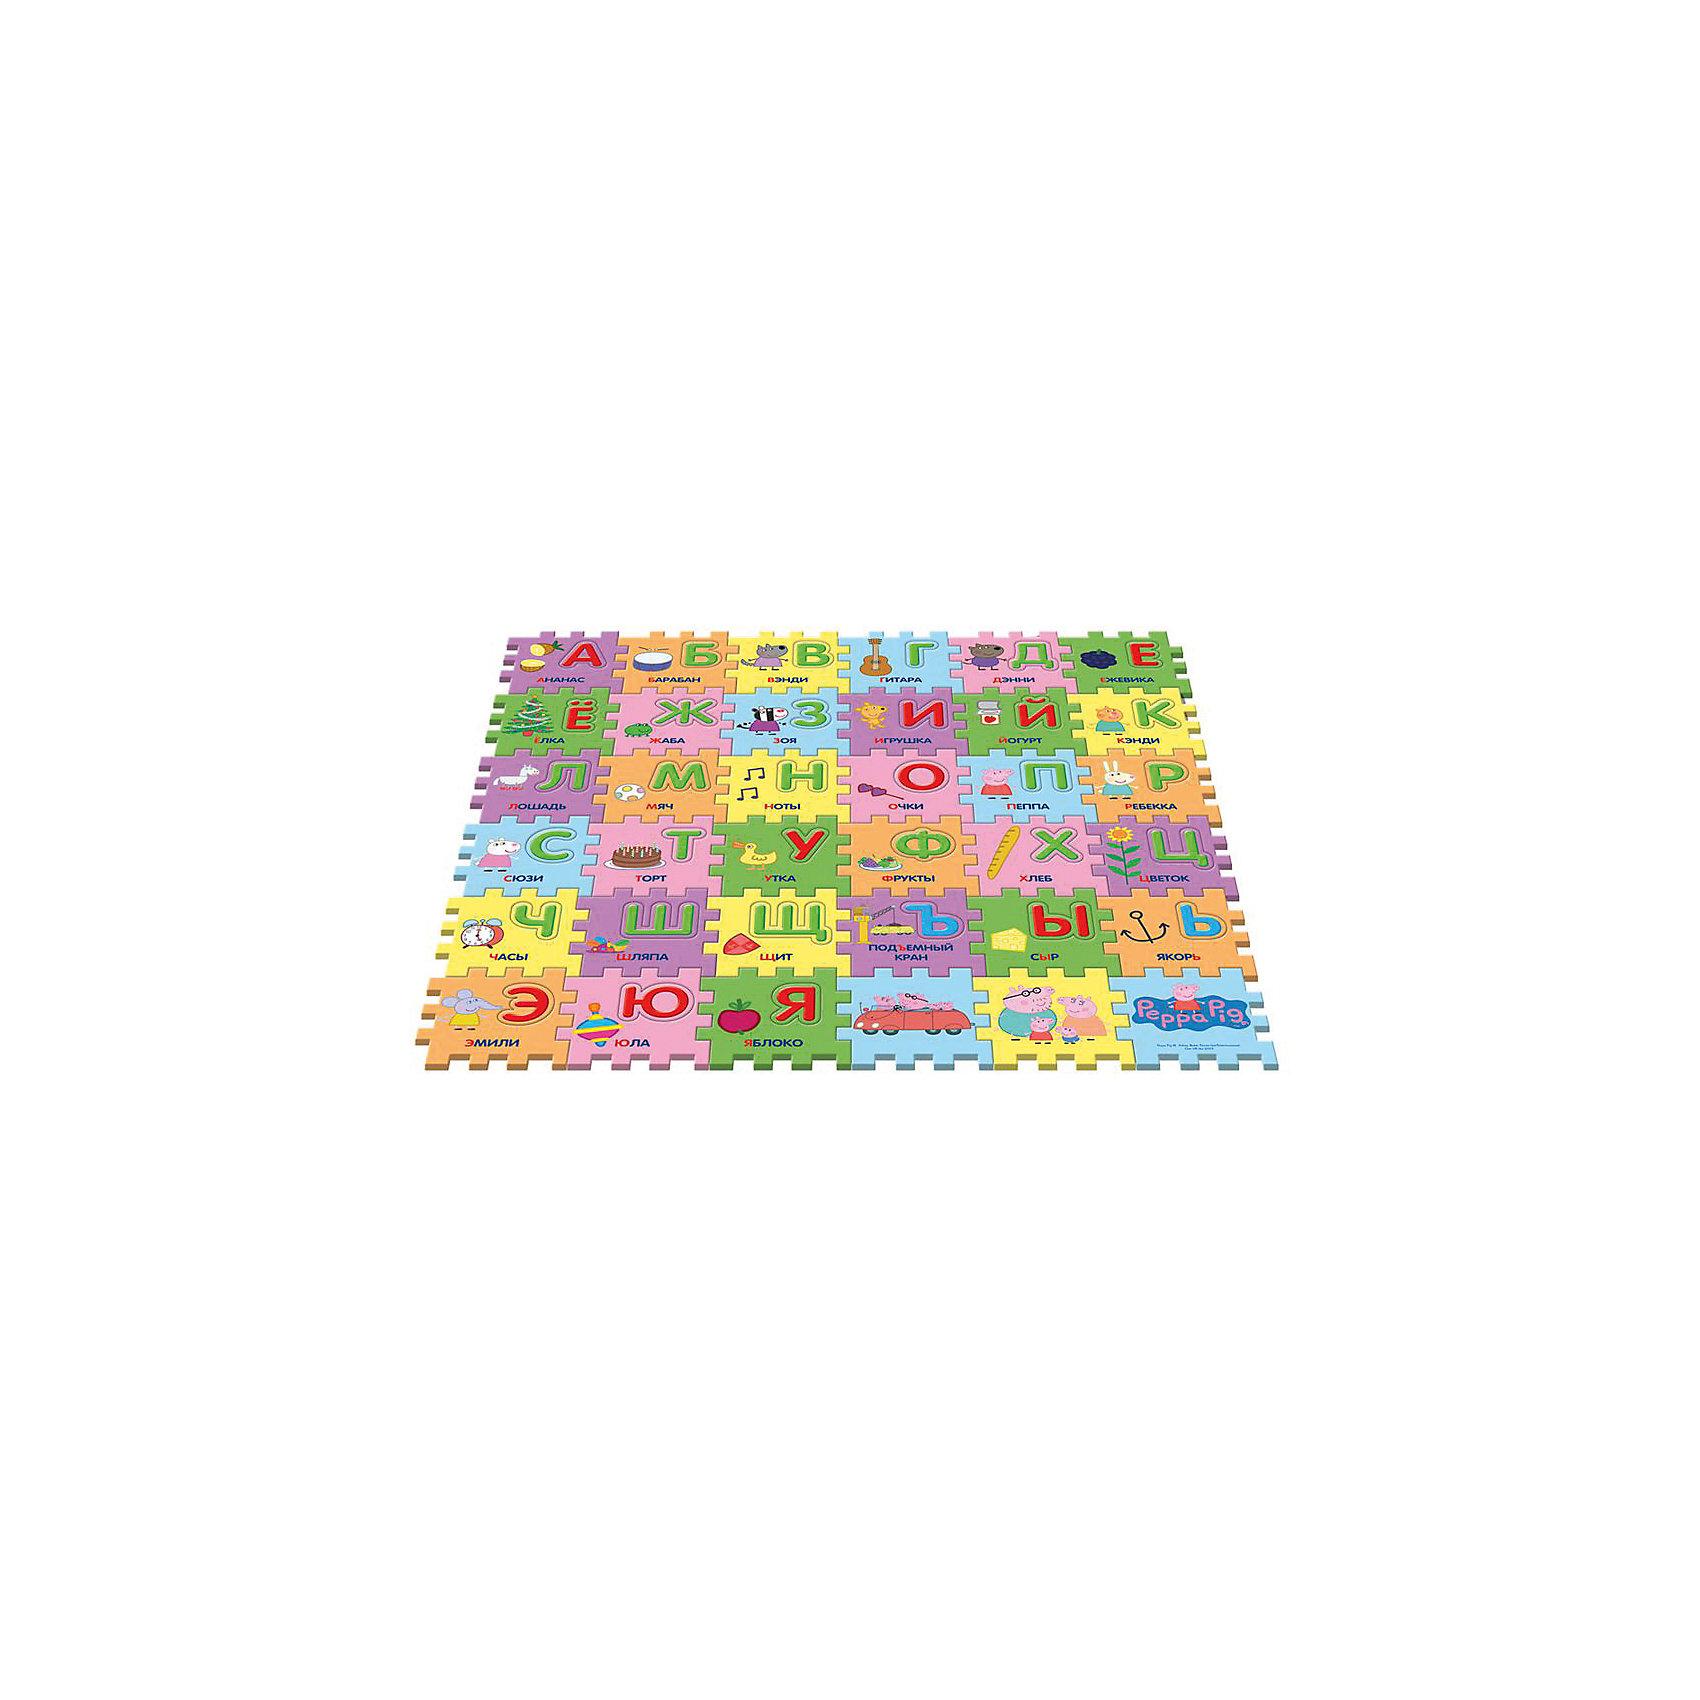 Коврик-пазл Учим азбуку с Пеппой, 36 деталейКовры<br>Предложите малышу поиграть с ковриком-пазлом «Учим азбуку с Пеппой», созданным по мотивам мультфильма «Свинка Пеппа»! Соберите 36 сегментов в единую картинку по образцу на вкладыше, проговаривая, куда вы кладете каждый из них: первый справа в нижнем ряду и т. д. В каждом сегменте есть пустое место, в которое нужно вставить вырезанную букву (на каждом есть изображение предмета или героя мультфильма, подписанное словом, начинающимся на нужную букву). У вас получится мягкий и красивый коврик, на котором можно играть. Вы также можете составлять простые слова из вырезанных букв или целых сегментов. Работа с ковриком-пазлом помогает детям в игровой форме быстро выучить алфавит, развивает образно-пространственное мышление, логику, моторику и тактильное восприятие.&#13;<br><br>Дополнительная информация:<br><br>Коврик-пазл с вырезанными буквами включает 36 сегментов (15х15х1 см), выполненных из мягкого, приятного на ощупь материала EVA. <br>Размер коврика в собранном виде: 90х90х1 см. <br>Размер упаковки: 45х5,5х30 см.<br><br>Коврик-пазл Учим азбуку с Пеппой, 36 деталей можно купить в нашем магазине.<br><br>Ширина мм: 460<br>Глубина мм: 310<br>Высота мм: 60<br>Вес г: 687<br>Возраст от месяцев: 36<br>Возраст до месяцев: 84<br>Пол: Унисекс<br>Возраст: Детский<br>SKU: 4565559